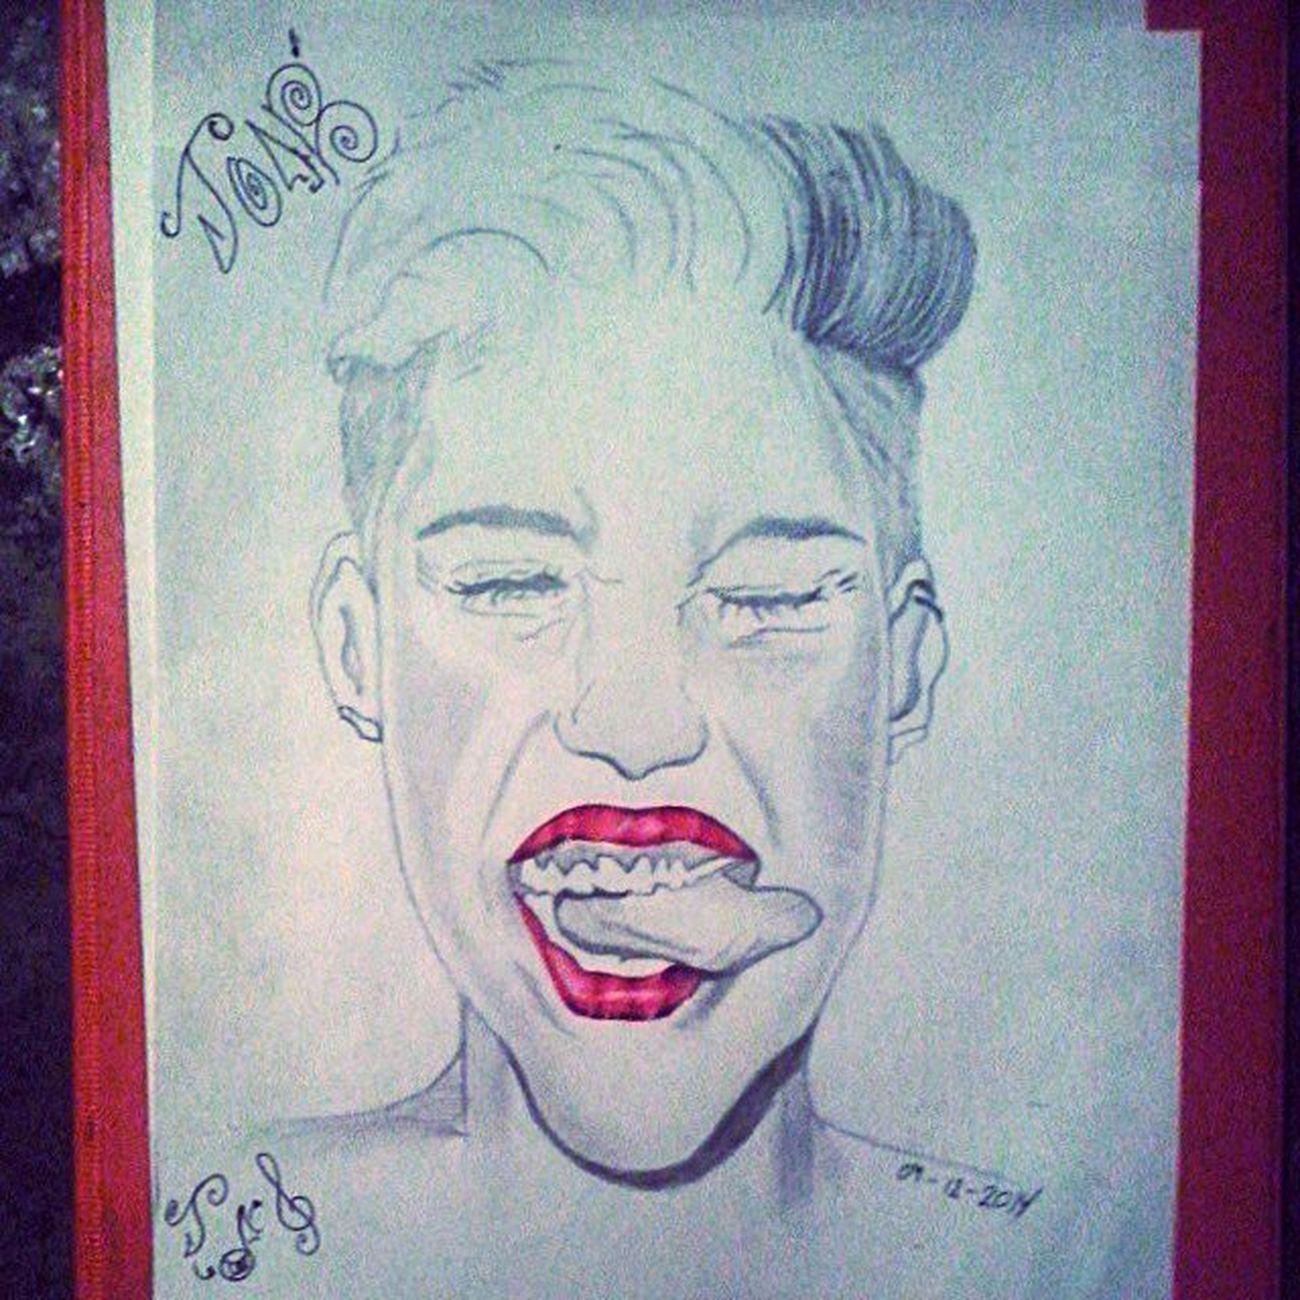 La Mente Detras Del Lapiz Mileyface Mileycirus Art, Drawing, Creativity Artistic Mis Dibujos Drawingtime Dibujo A Lapiz Drawing Dibujo